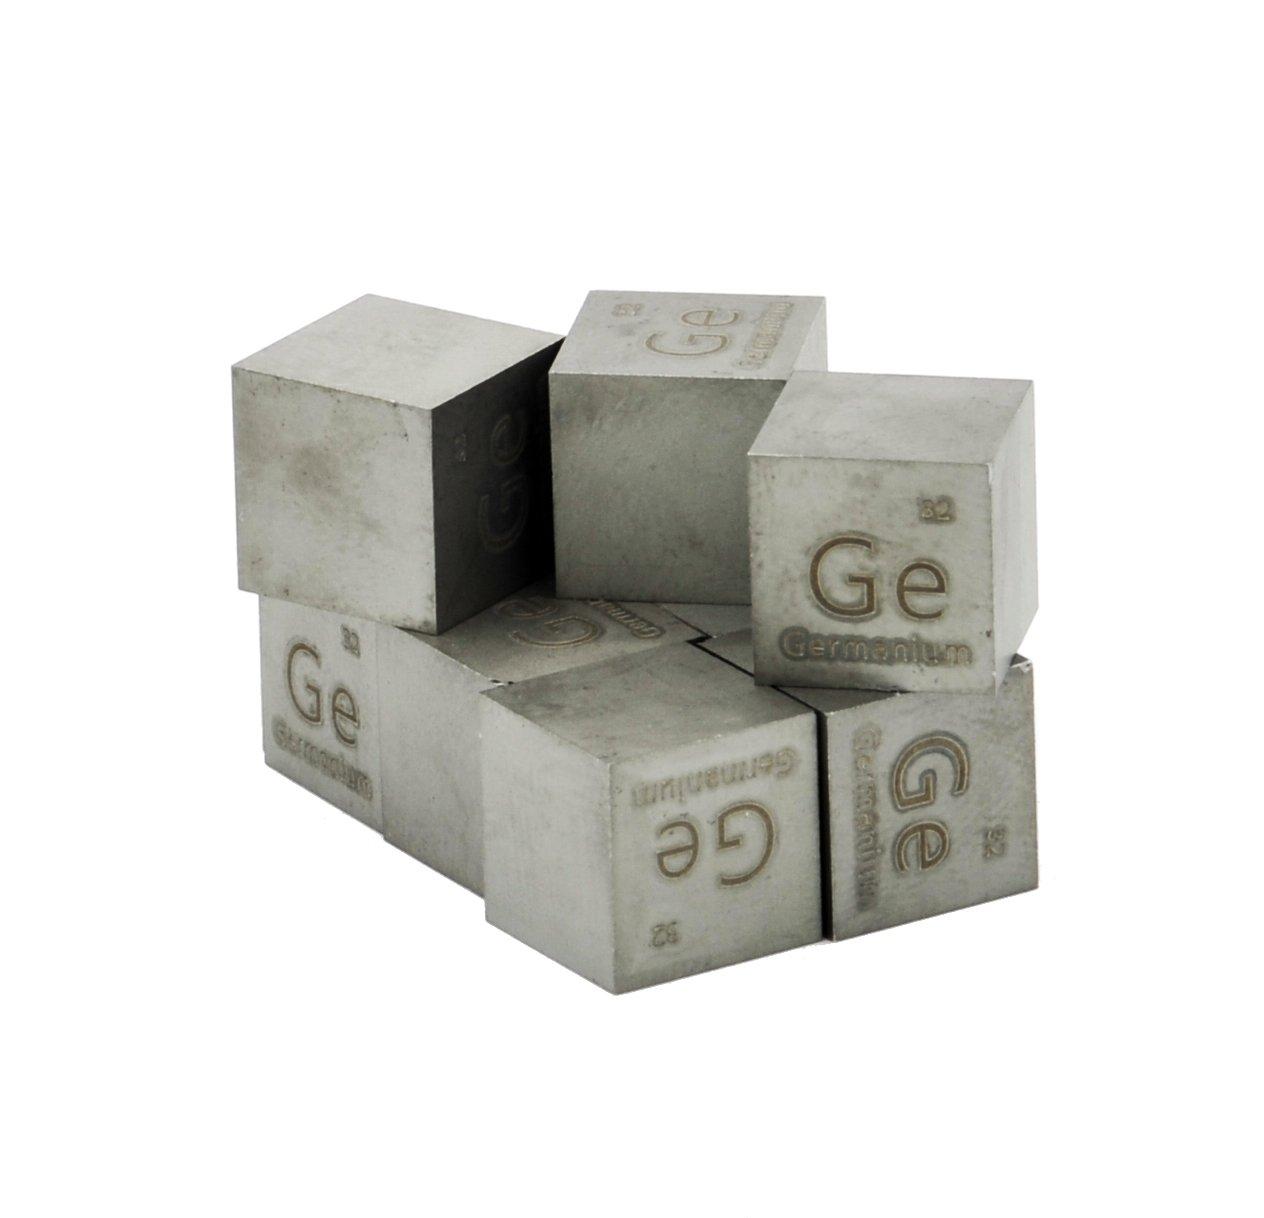 Germanium Metal 10mm Density Cube 99.999% Pure